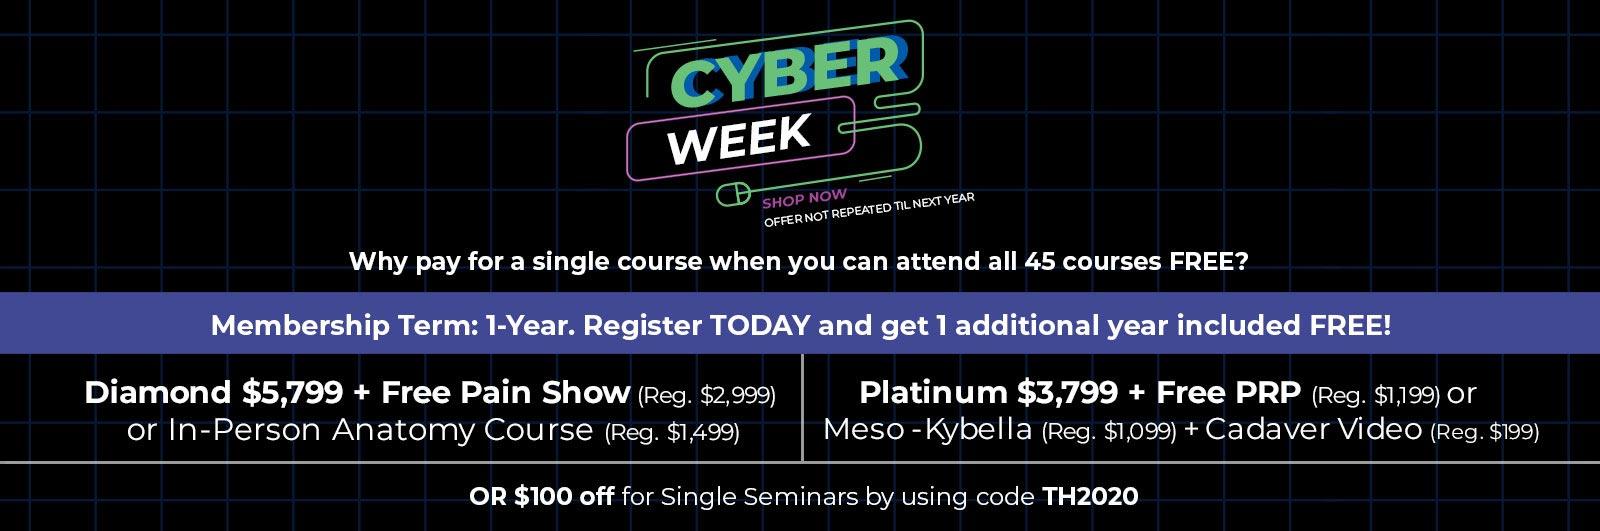 cyber week 2020